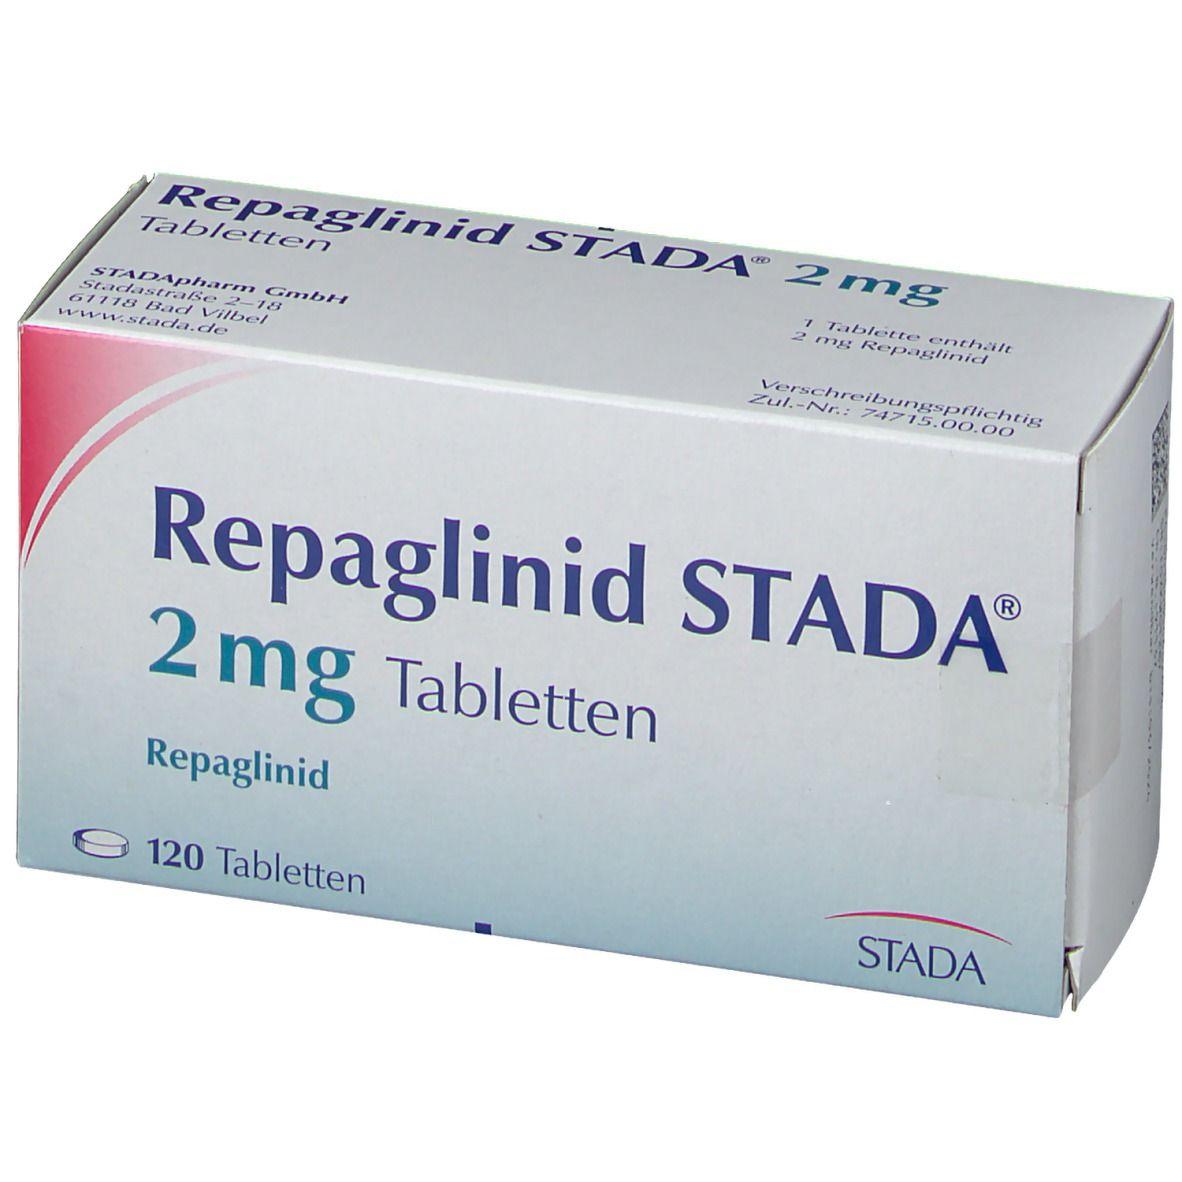 Repaglinid Stada® 2 mg Tabletten